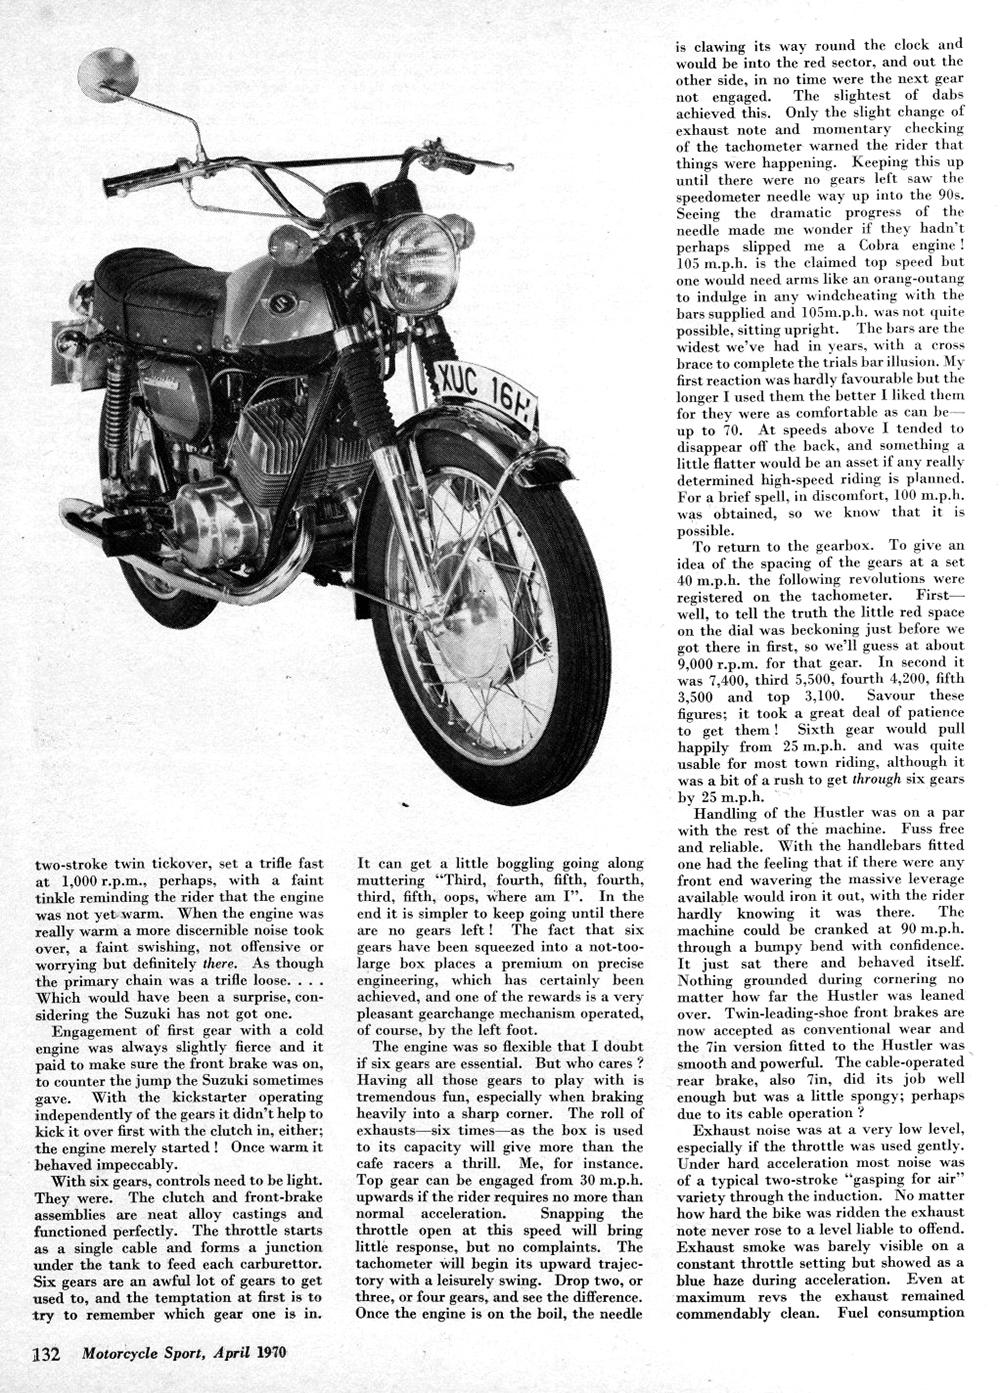 1970 Suzuki 250 Hustler road test 3.jpg